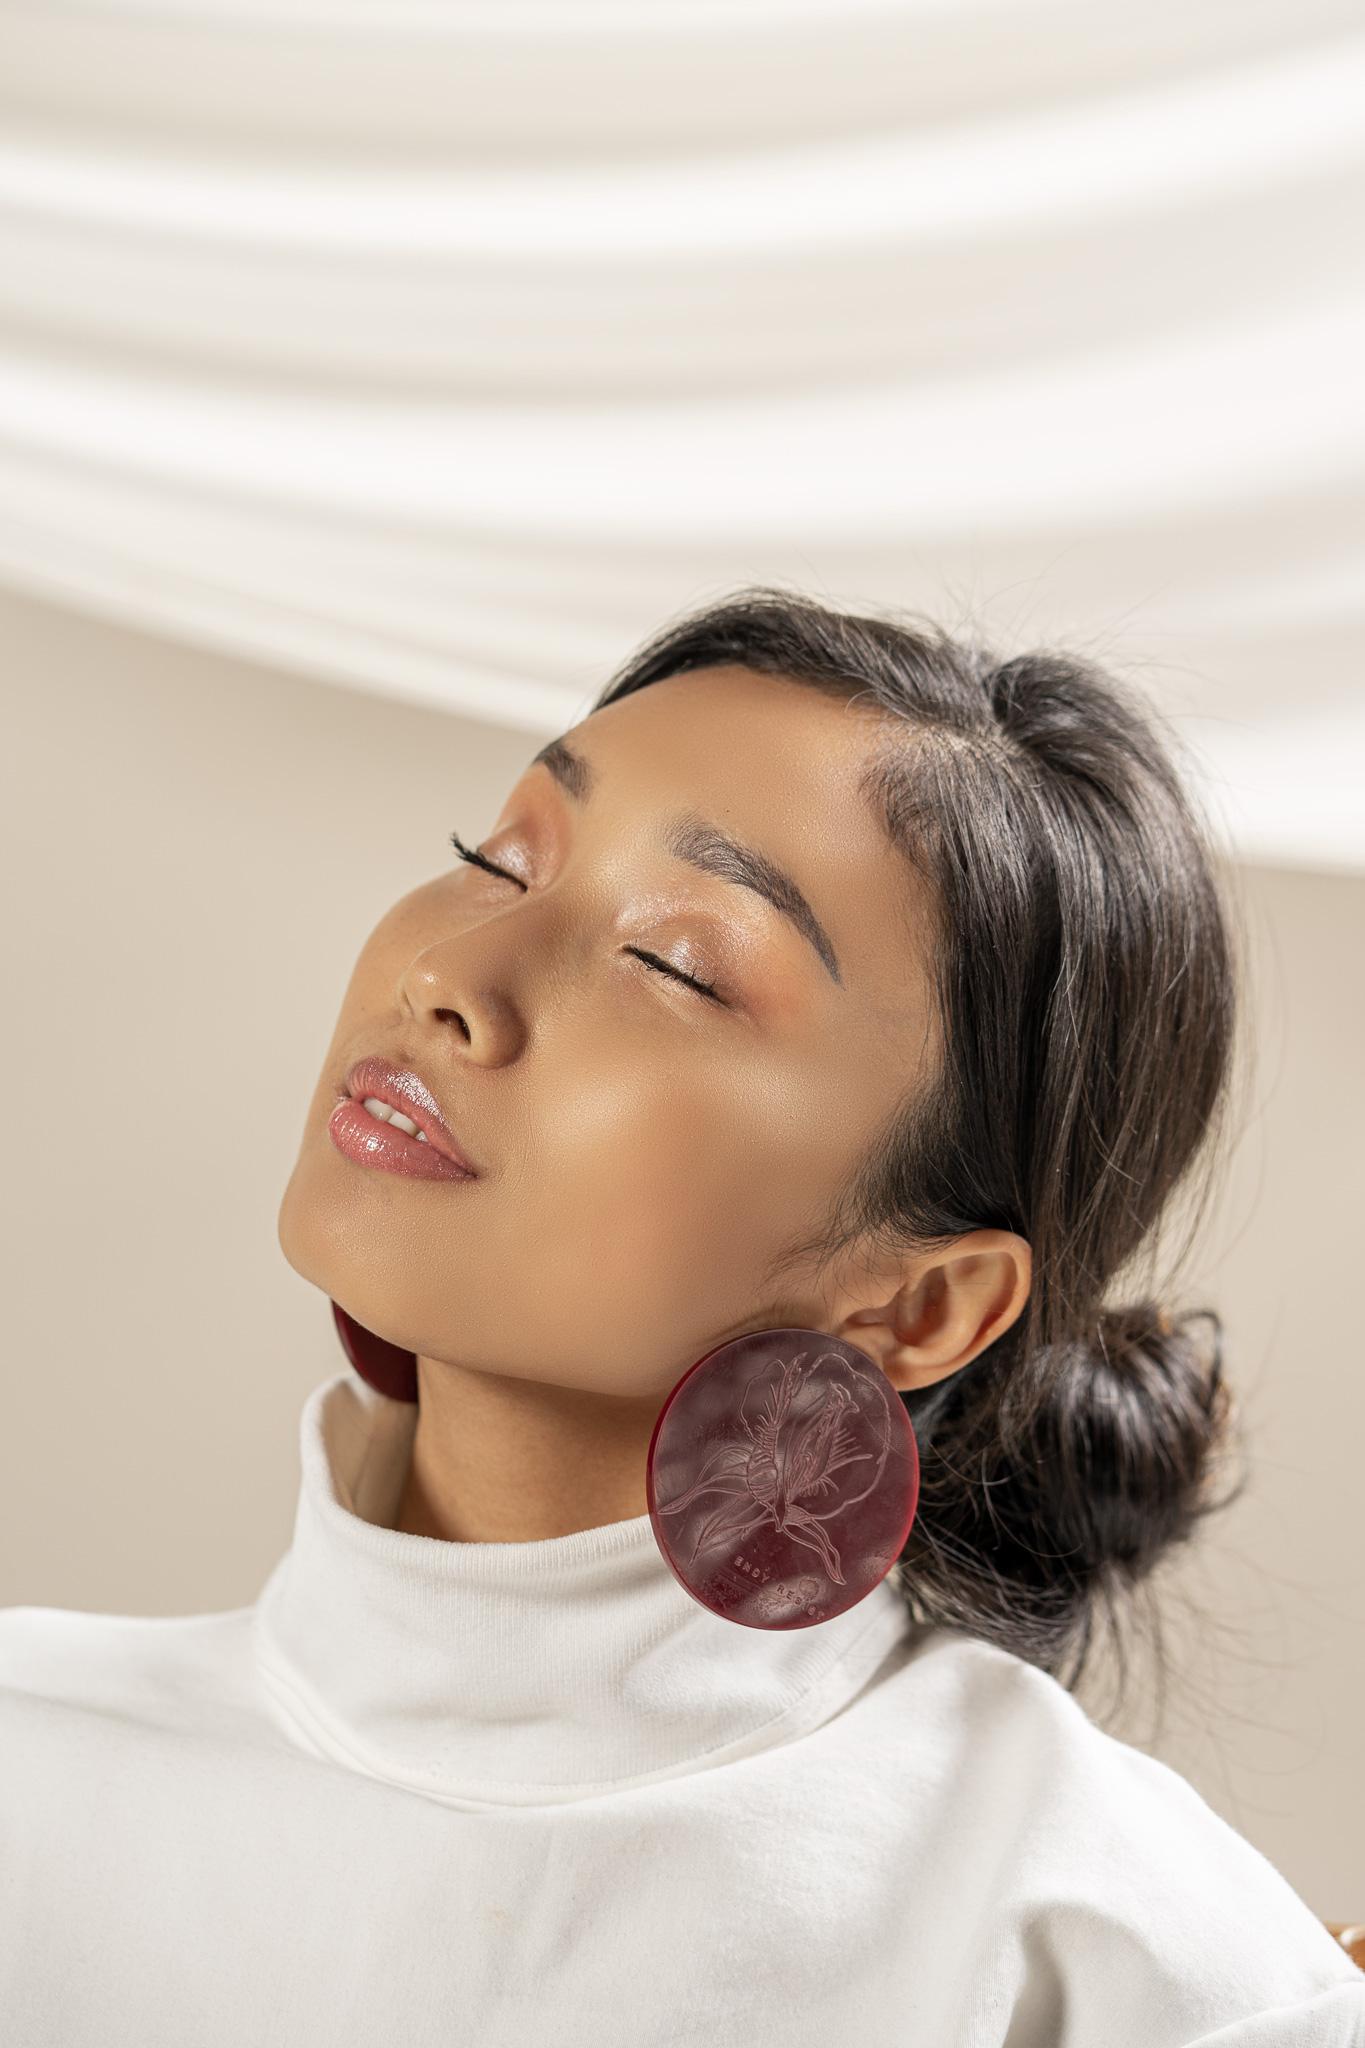 Une femme, assise la tête penchée légèrement en arrière, les yeux fermés, la bouche entrouverte, portant une boucle d'oreille rouge sur un fond beige.